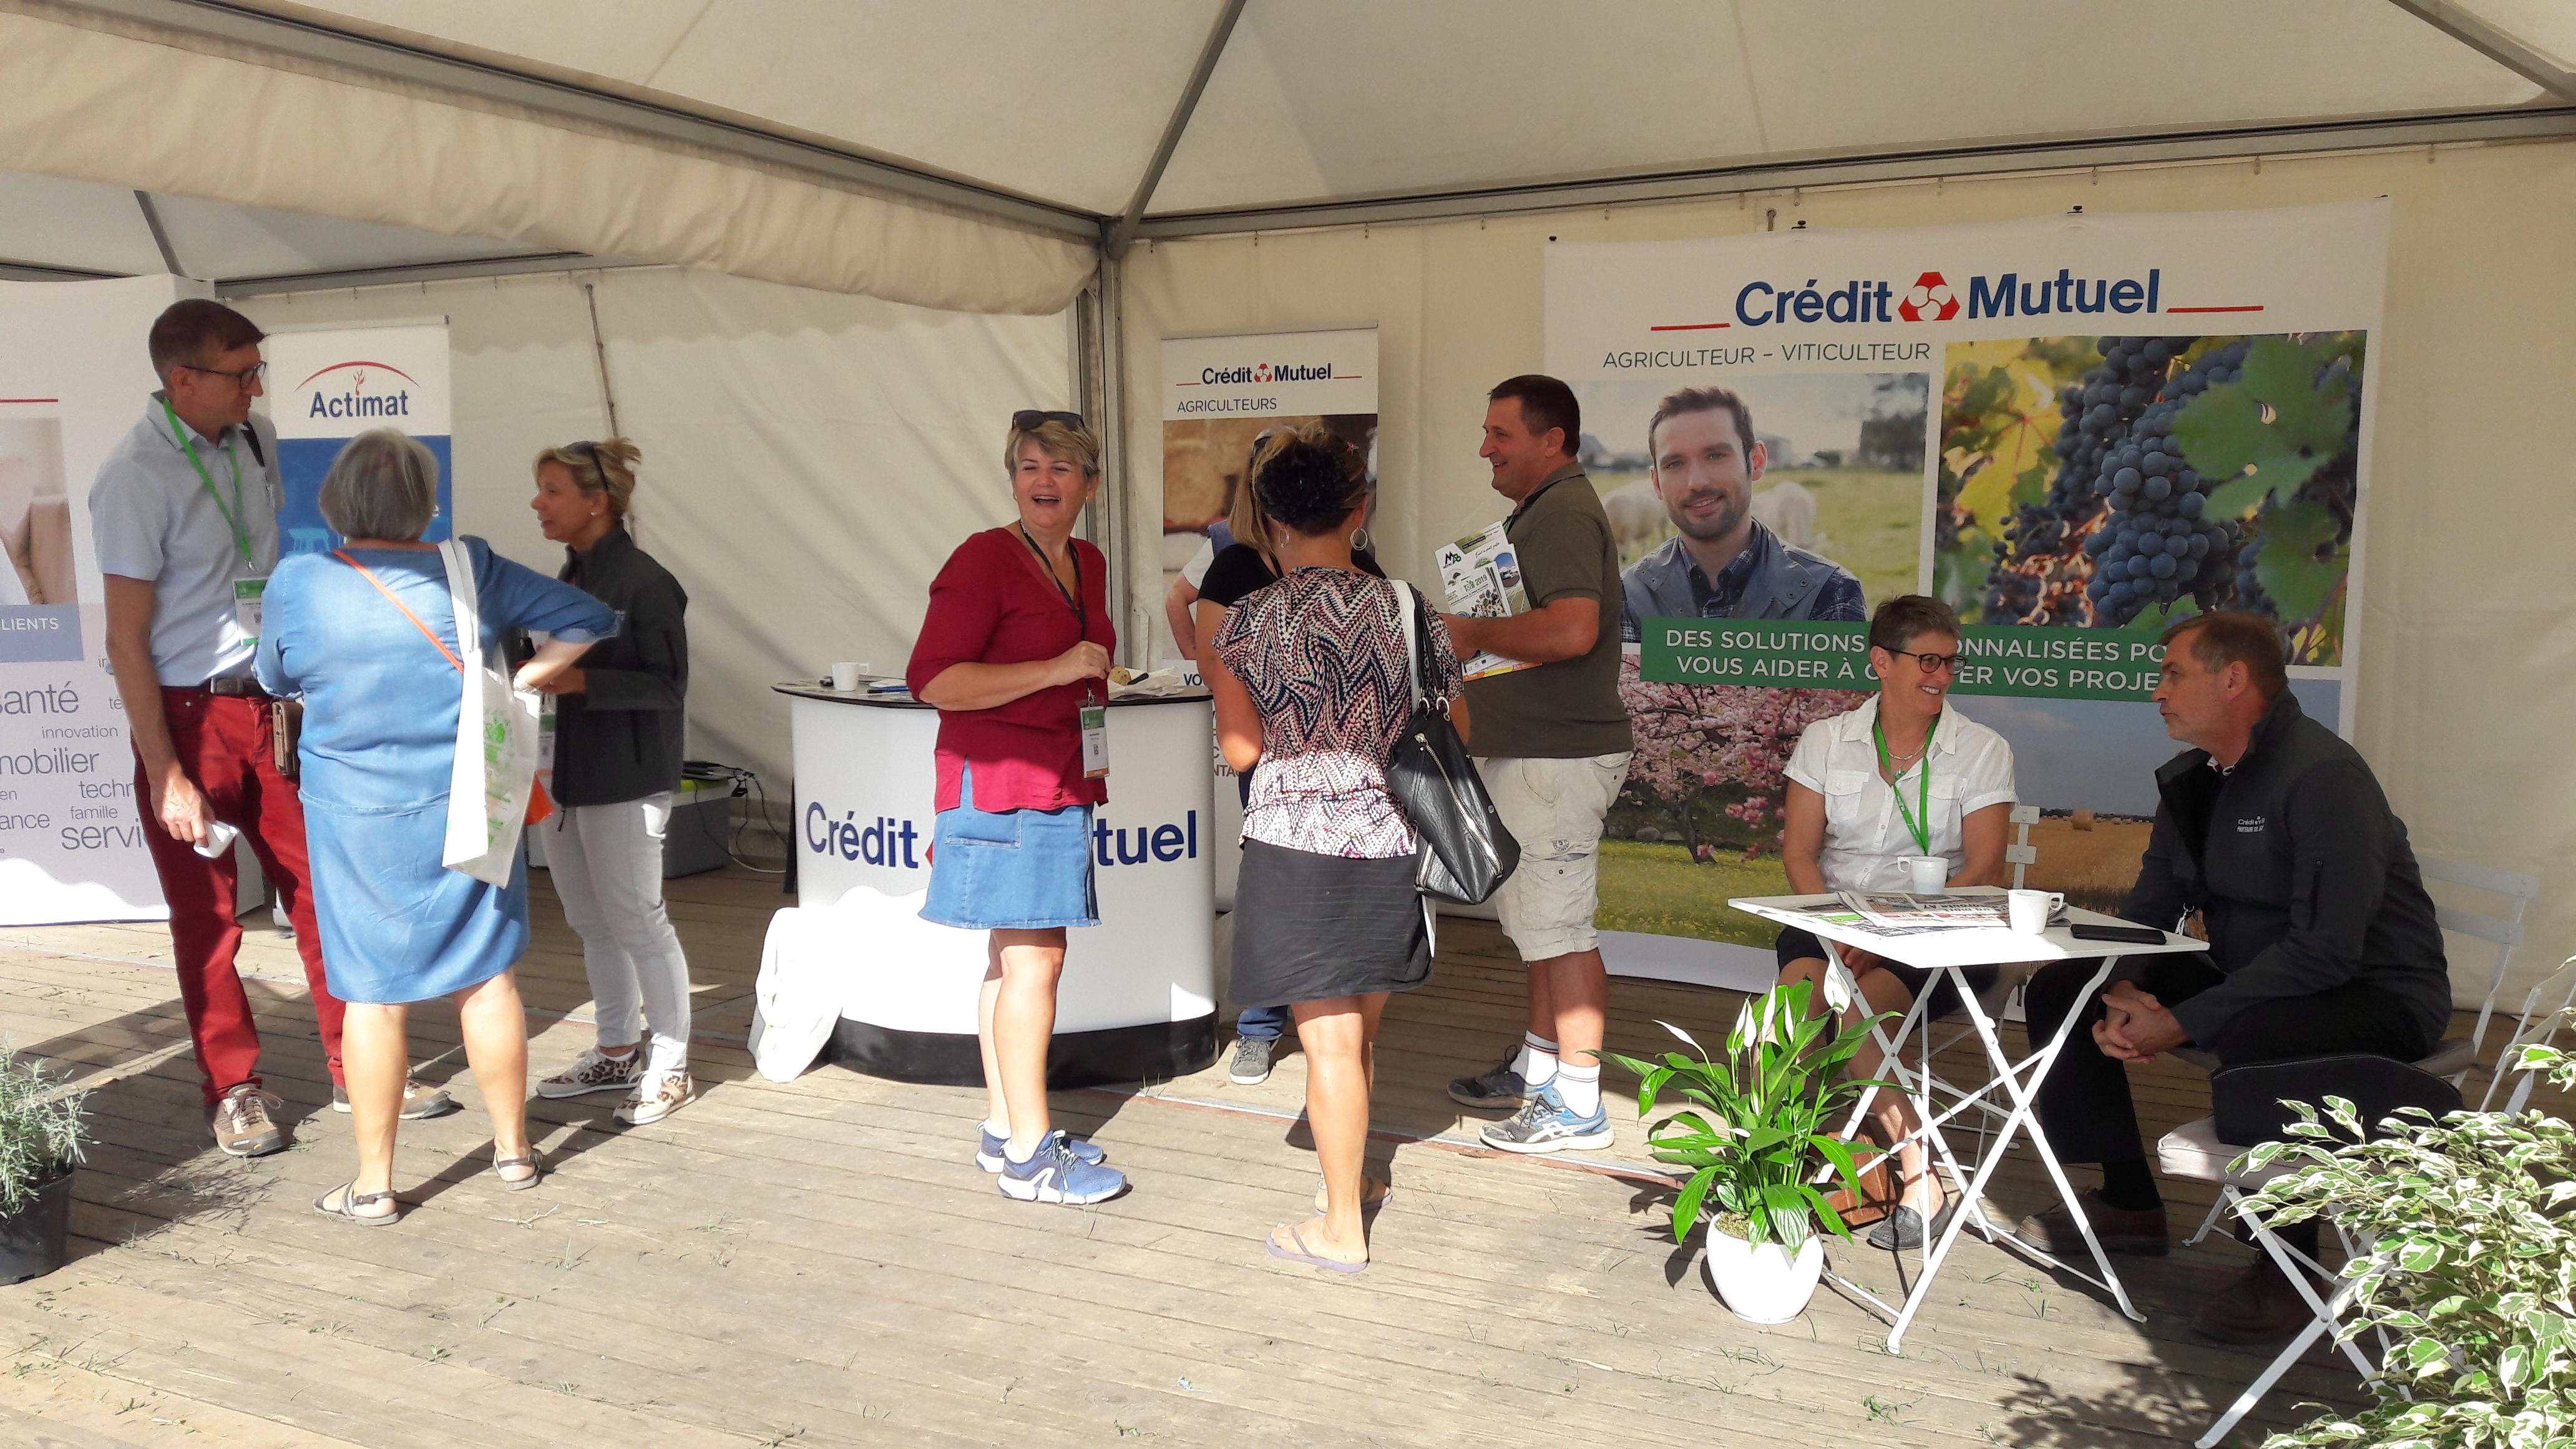 Des spécialistes de l'agriculture étaient là pour recevoir les visiteurs sur le stand du Crédit Mutuel. (©Antoine Cessieux)